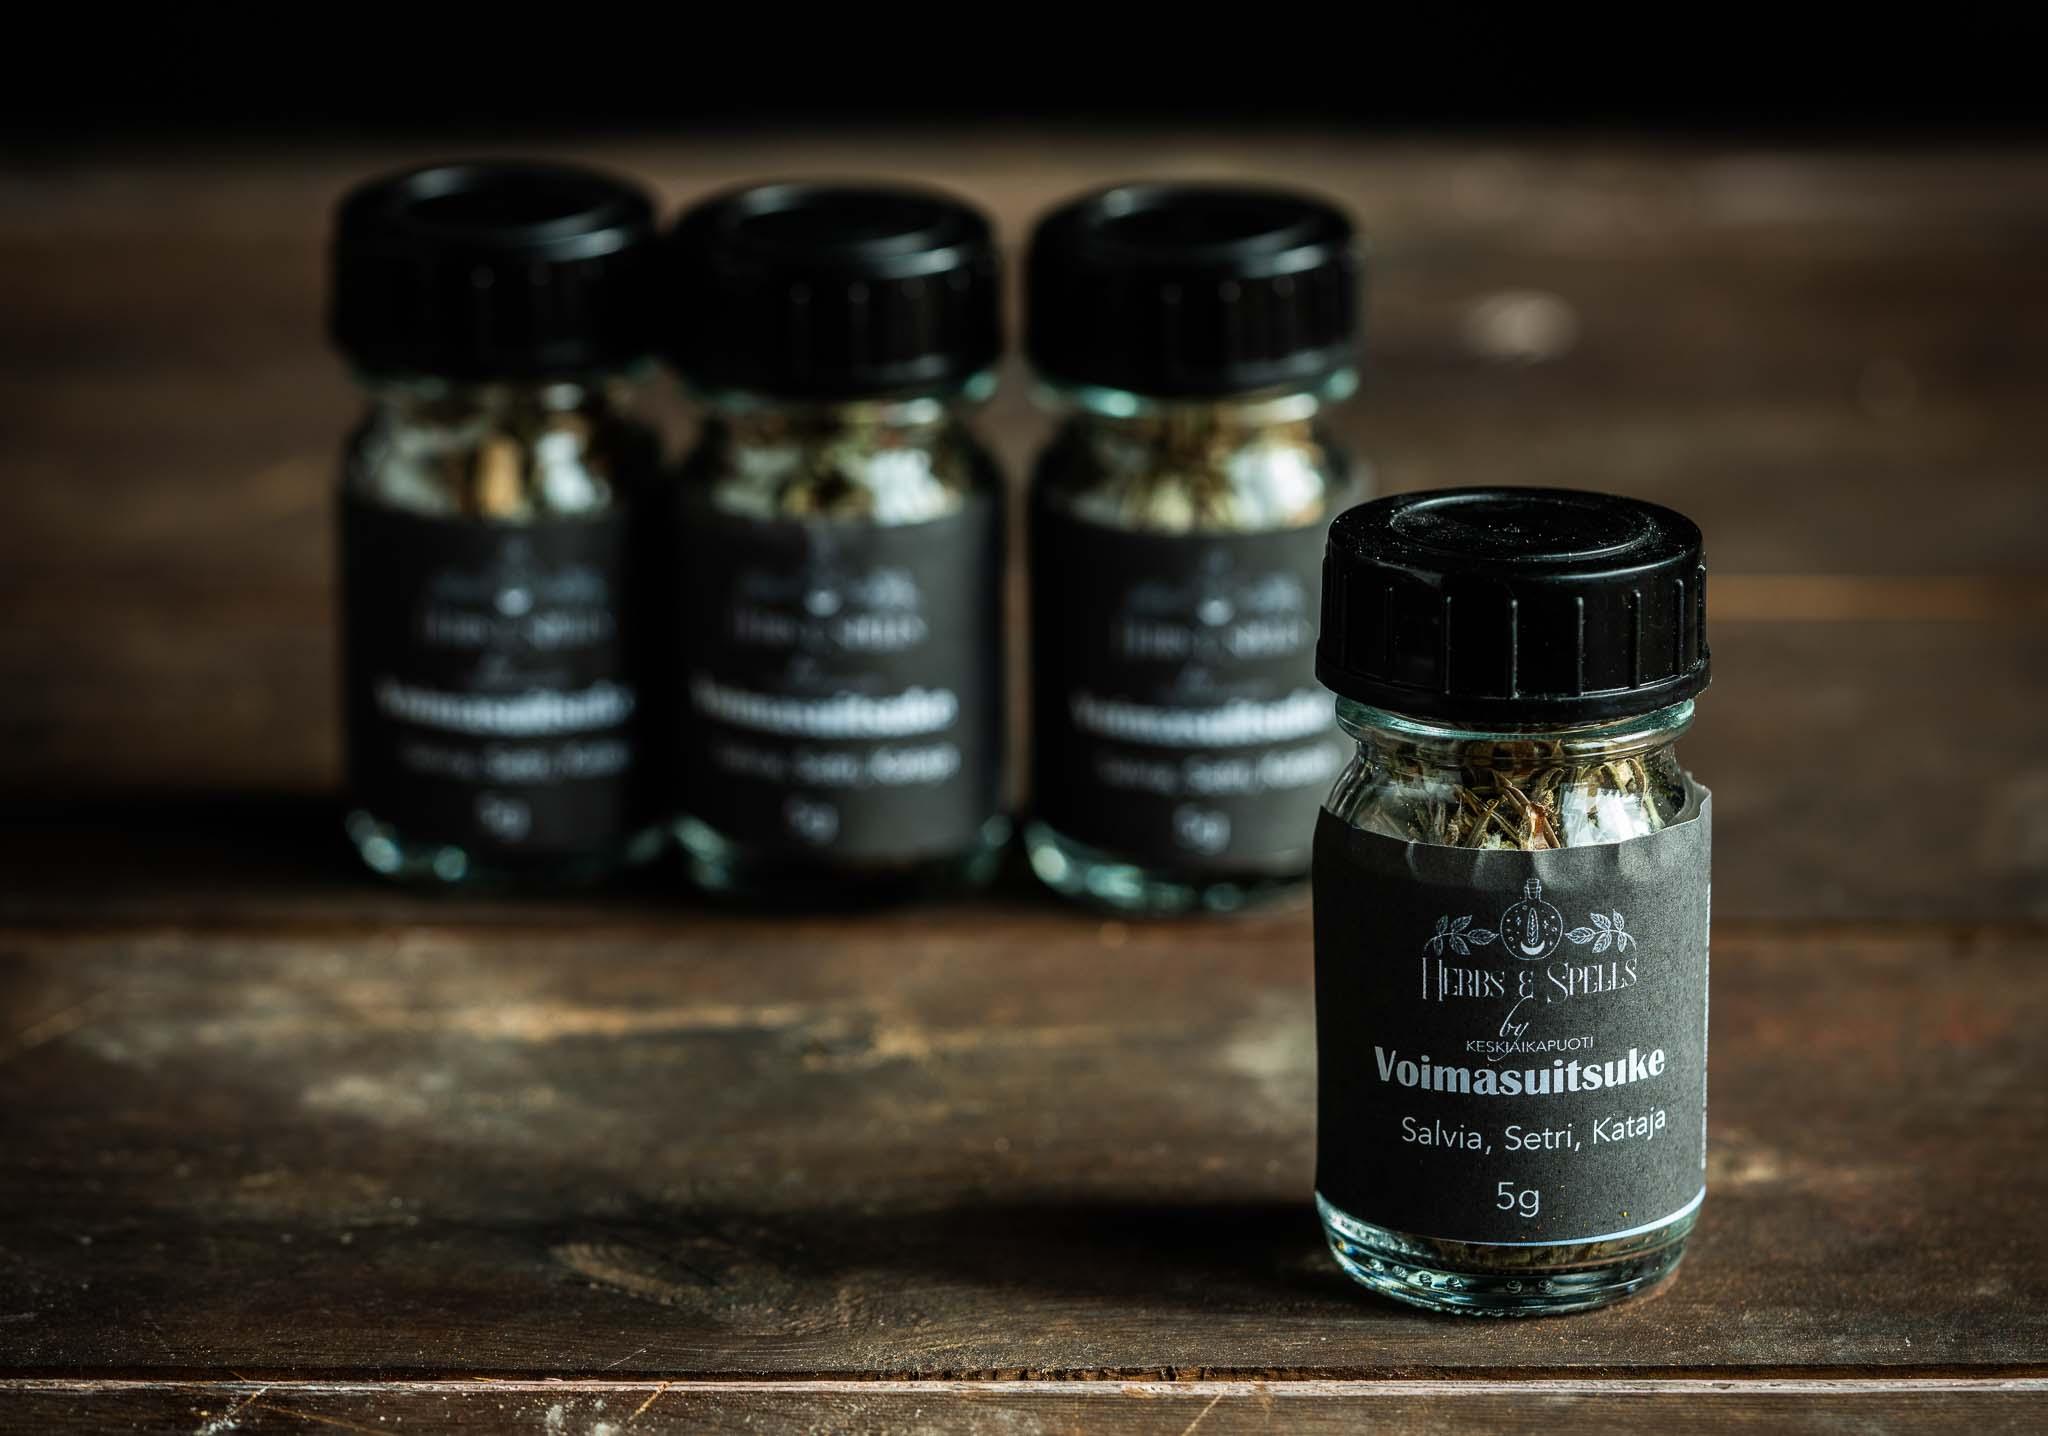 Voimasuitsuke 15g (Herbs&Spell by keskiaikapuoti)